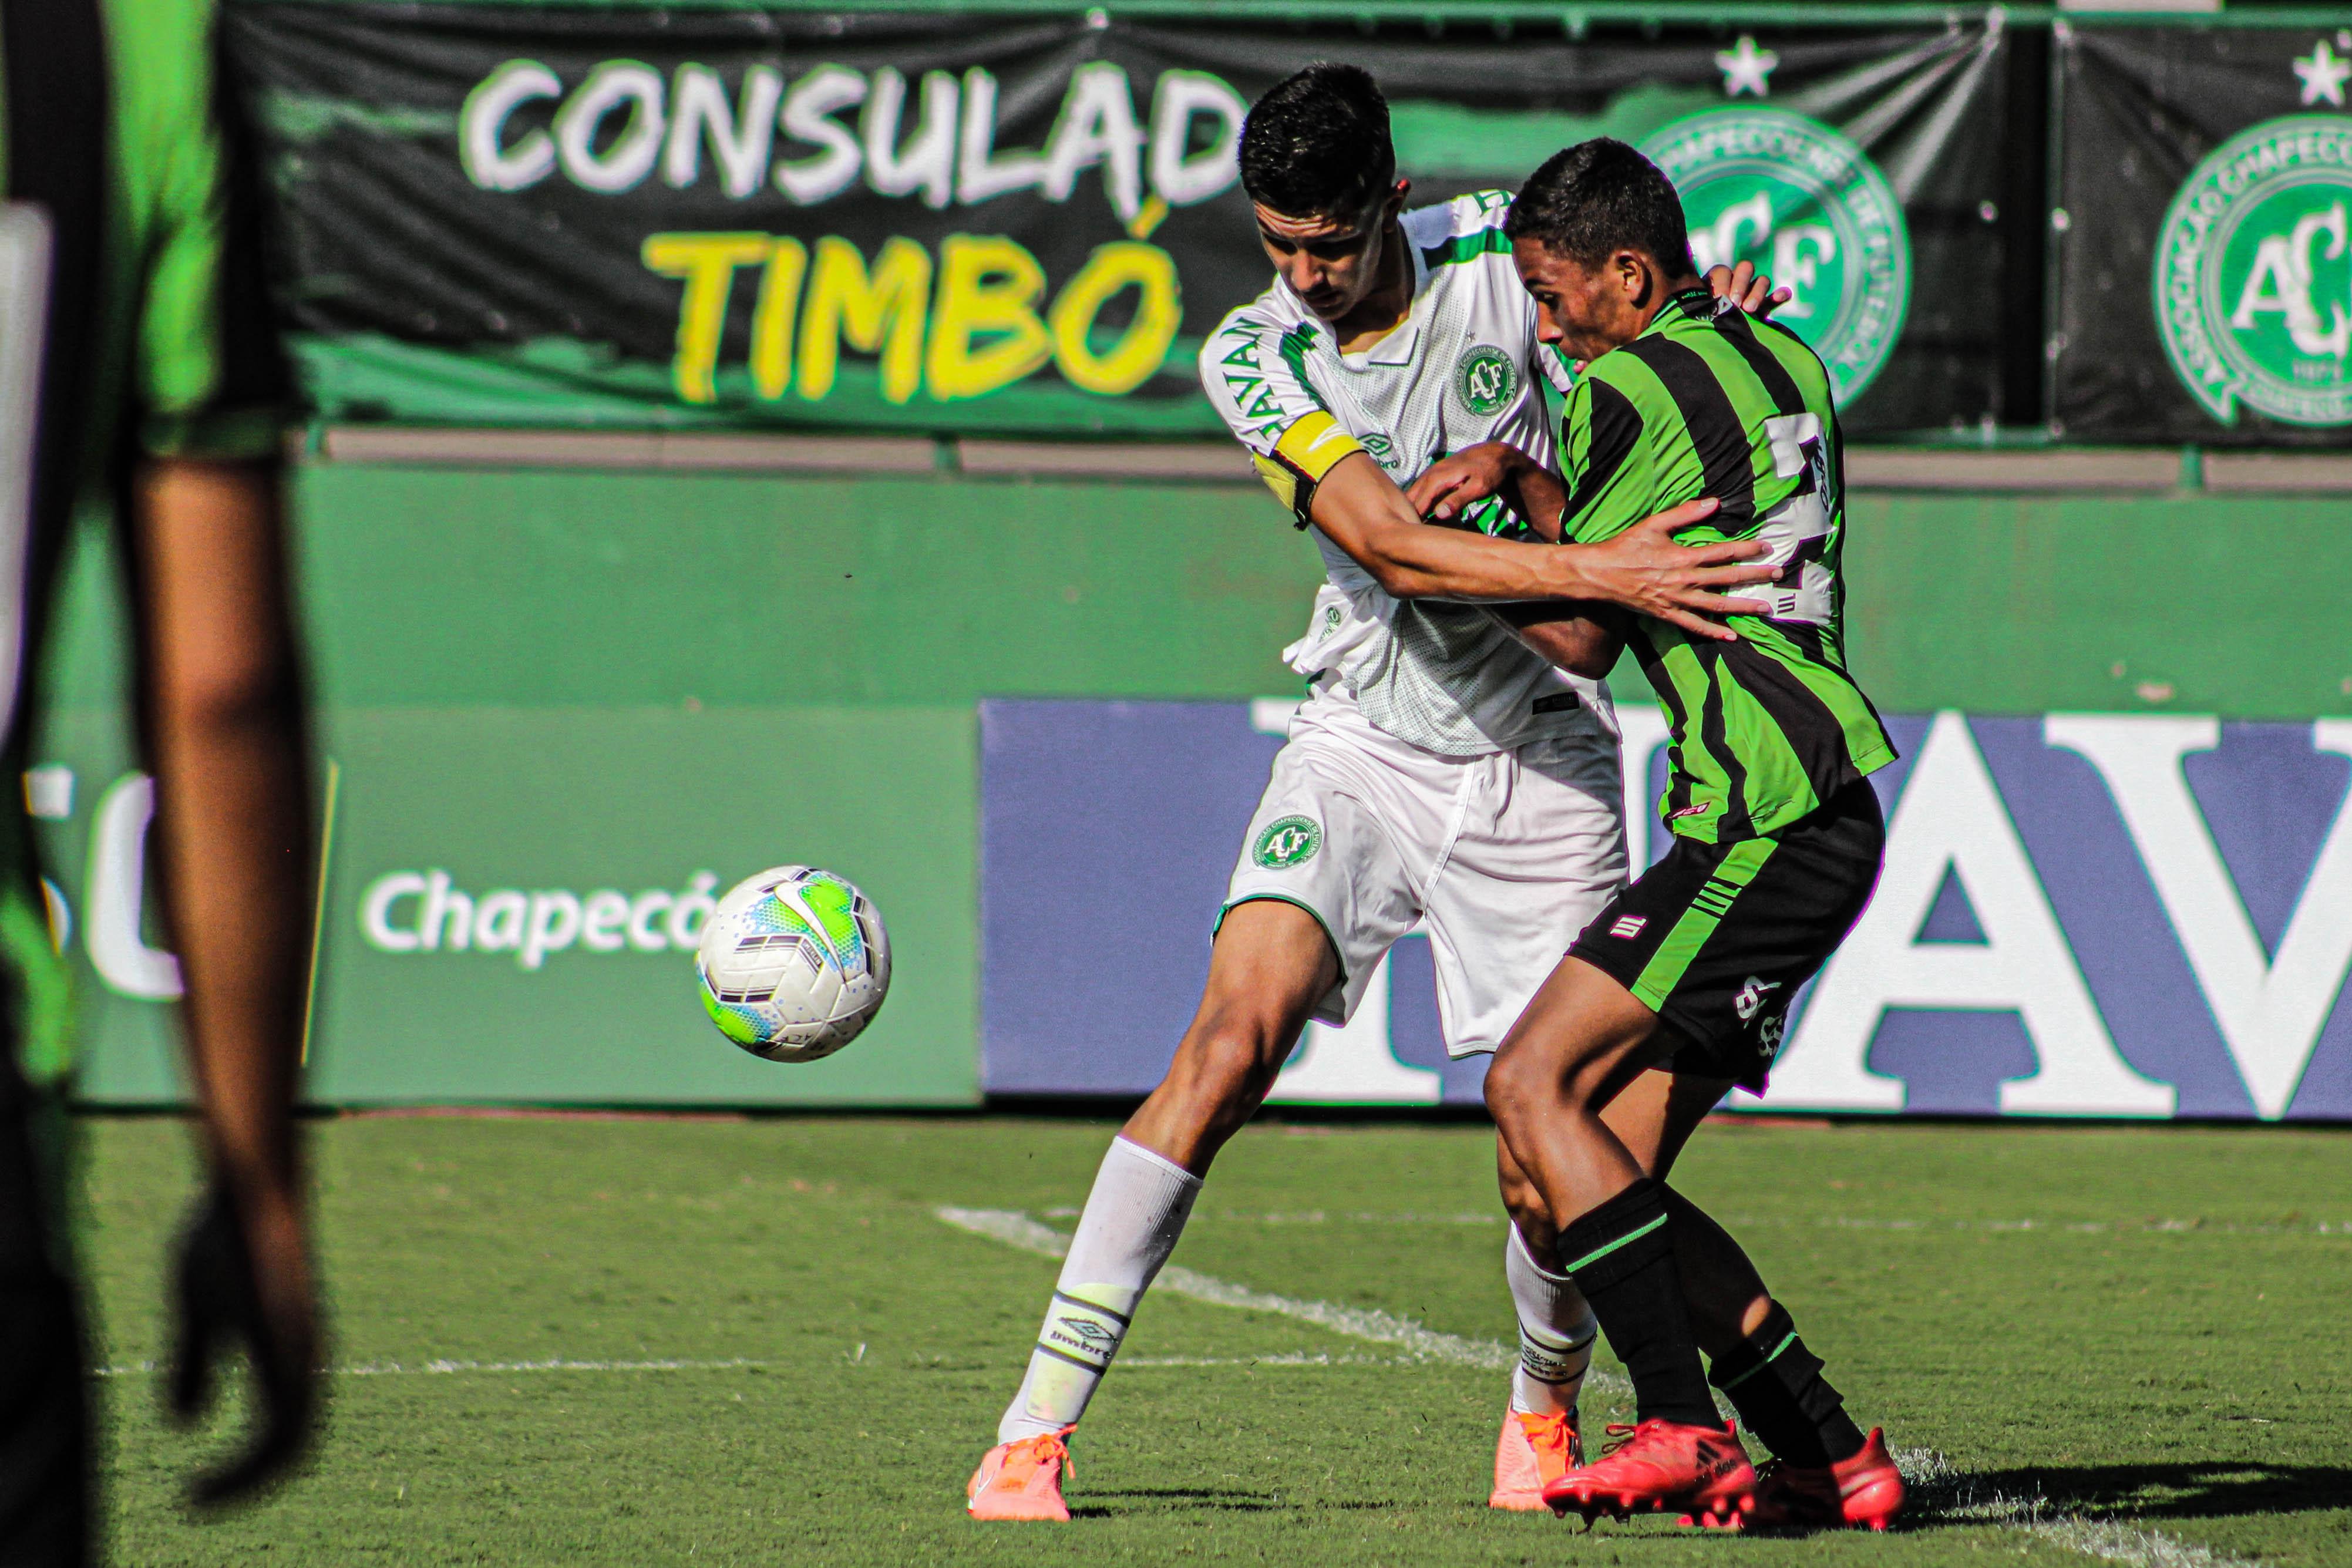 Chapecoense tropeça e perde a liderança da Série B